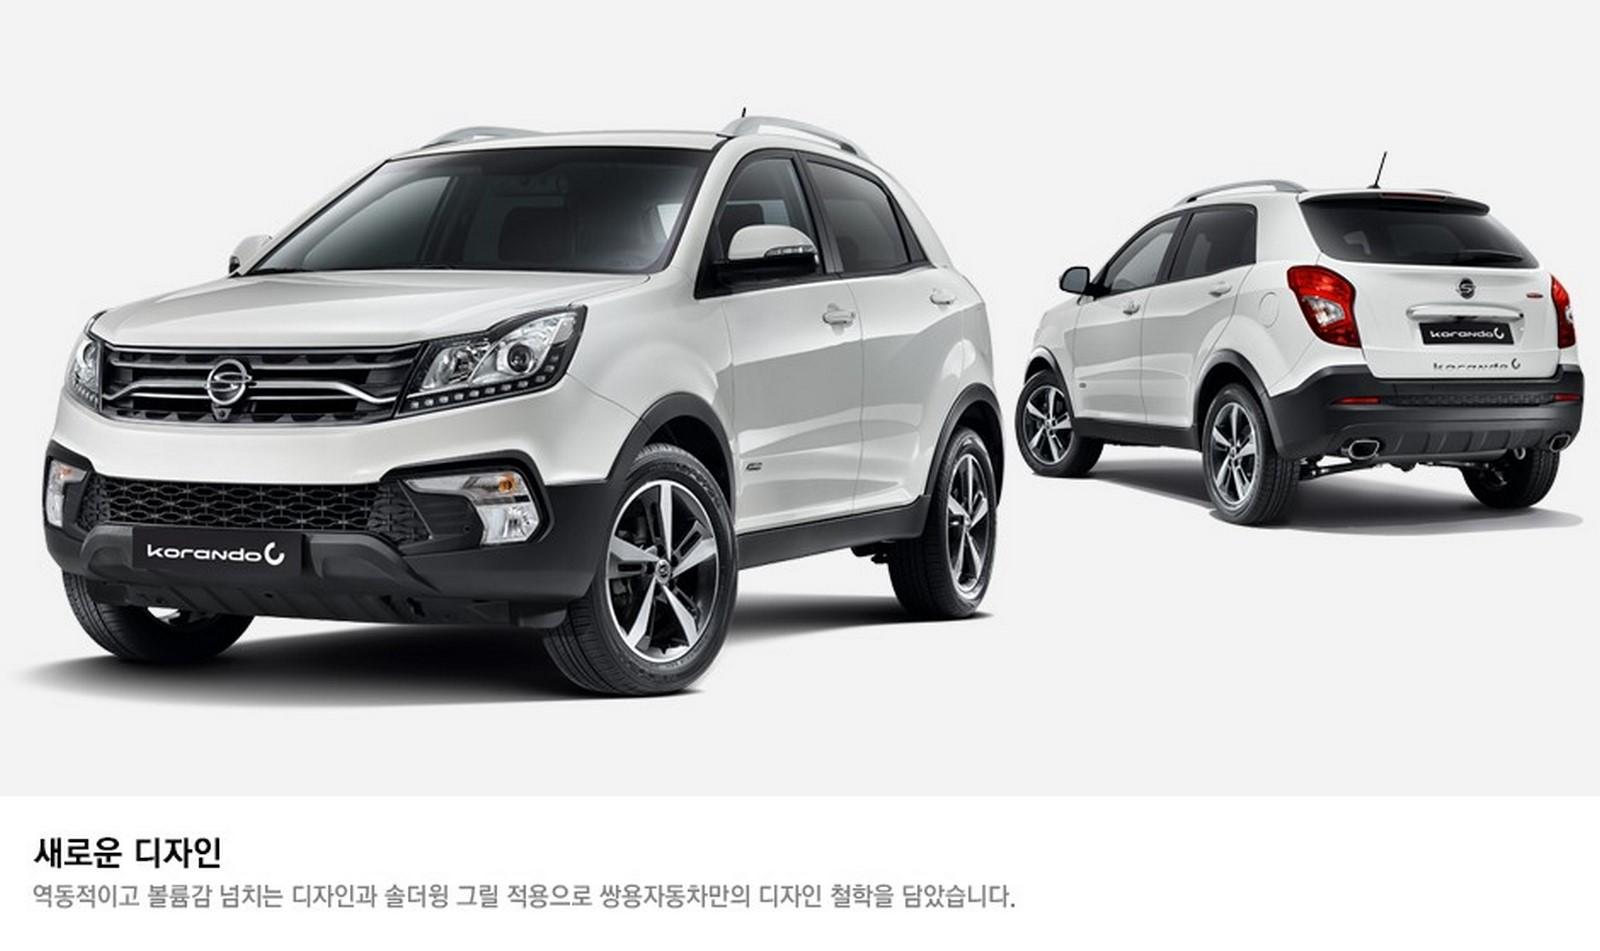 Ssangyong Korando facelift 2017 korea-1